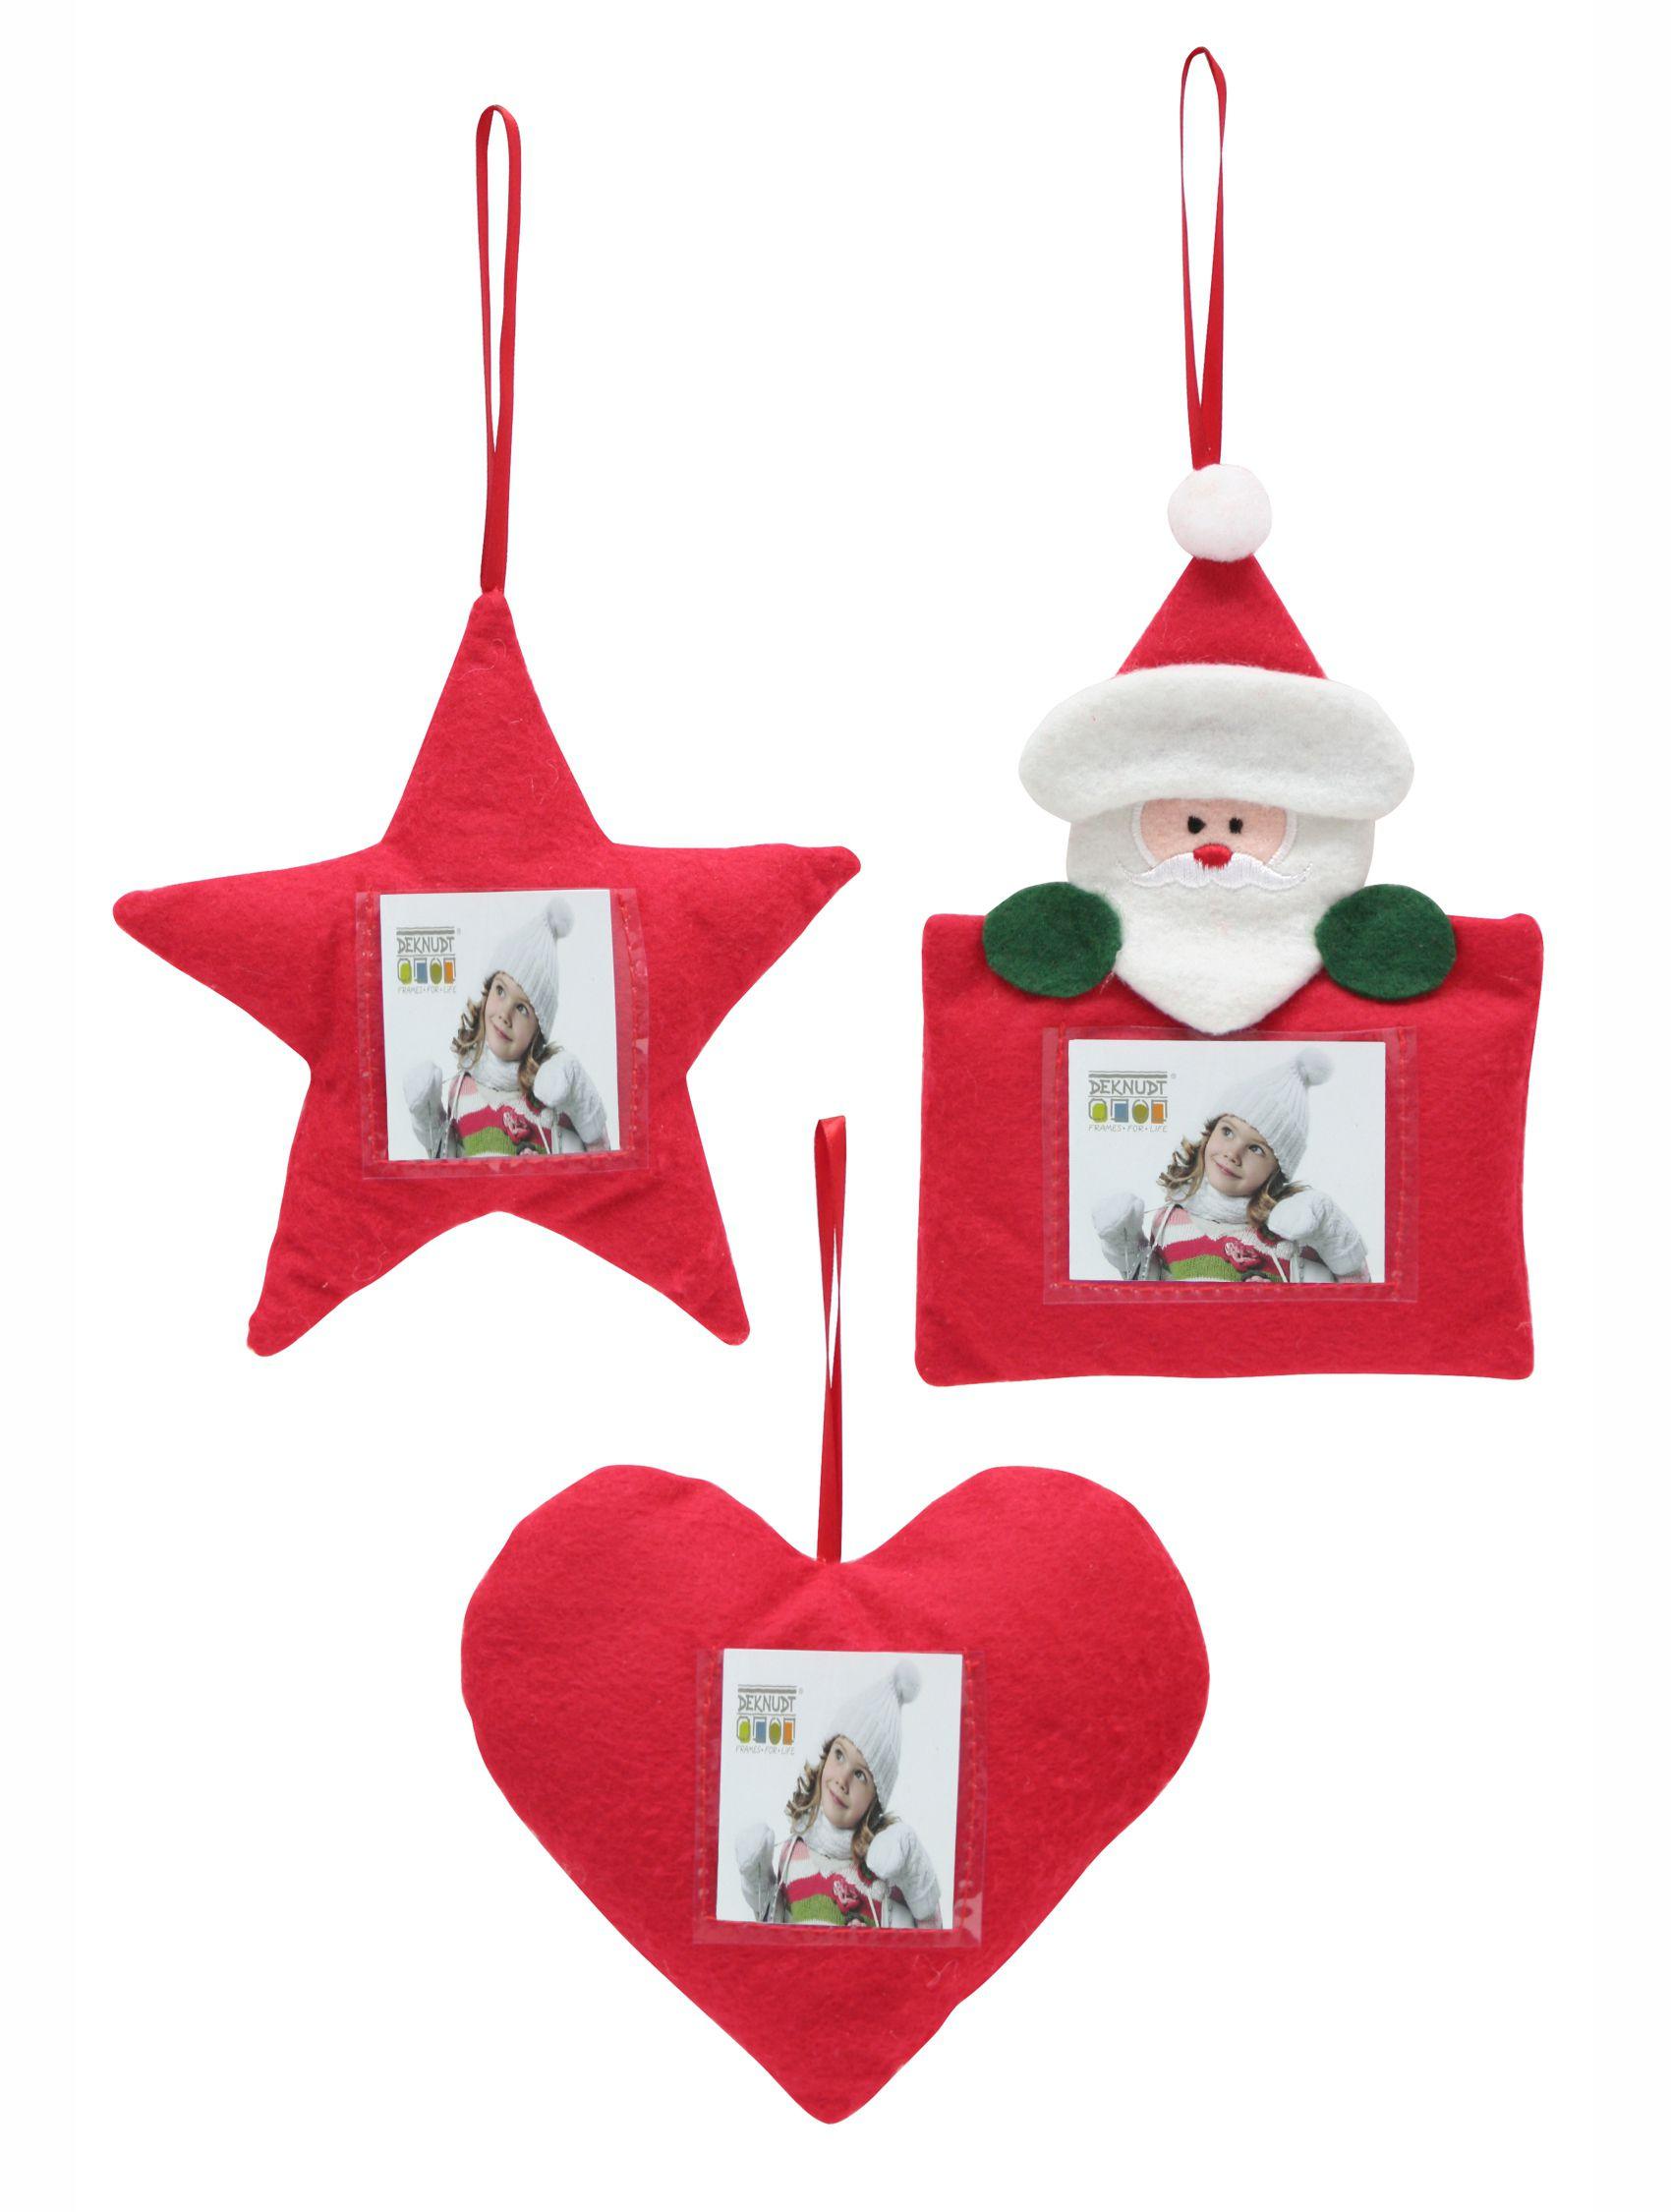 kerst, Kerstboomhangers: sneeuwman (foto 4,5x6)+ hart + ster (foto 4x4) S67HC1